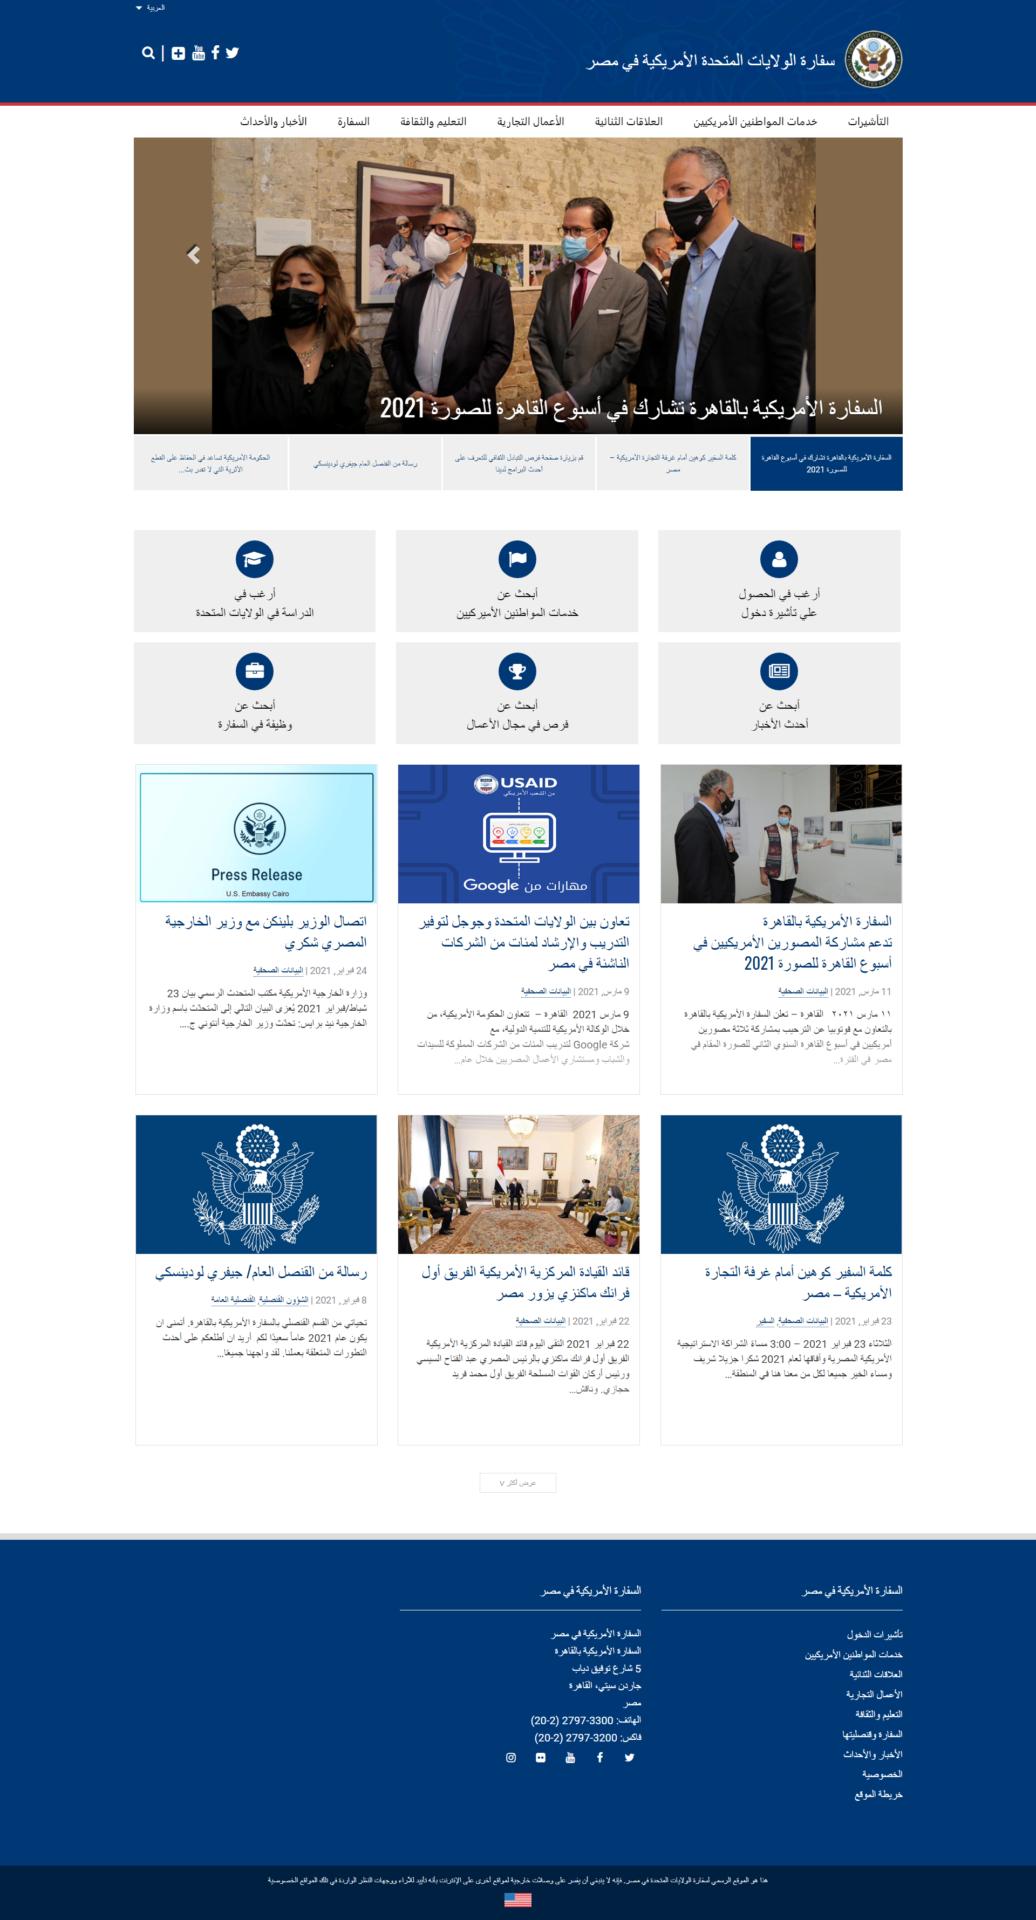 السفارة الامريكية بالقاهرة موقع الويب الرسمي